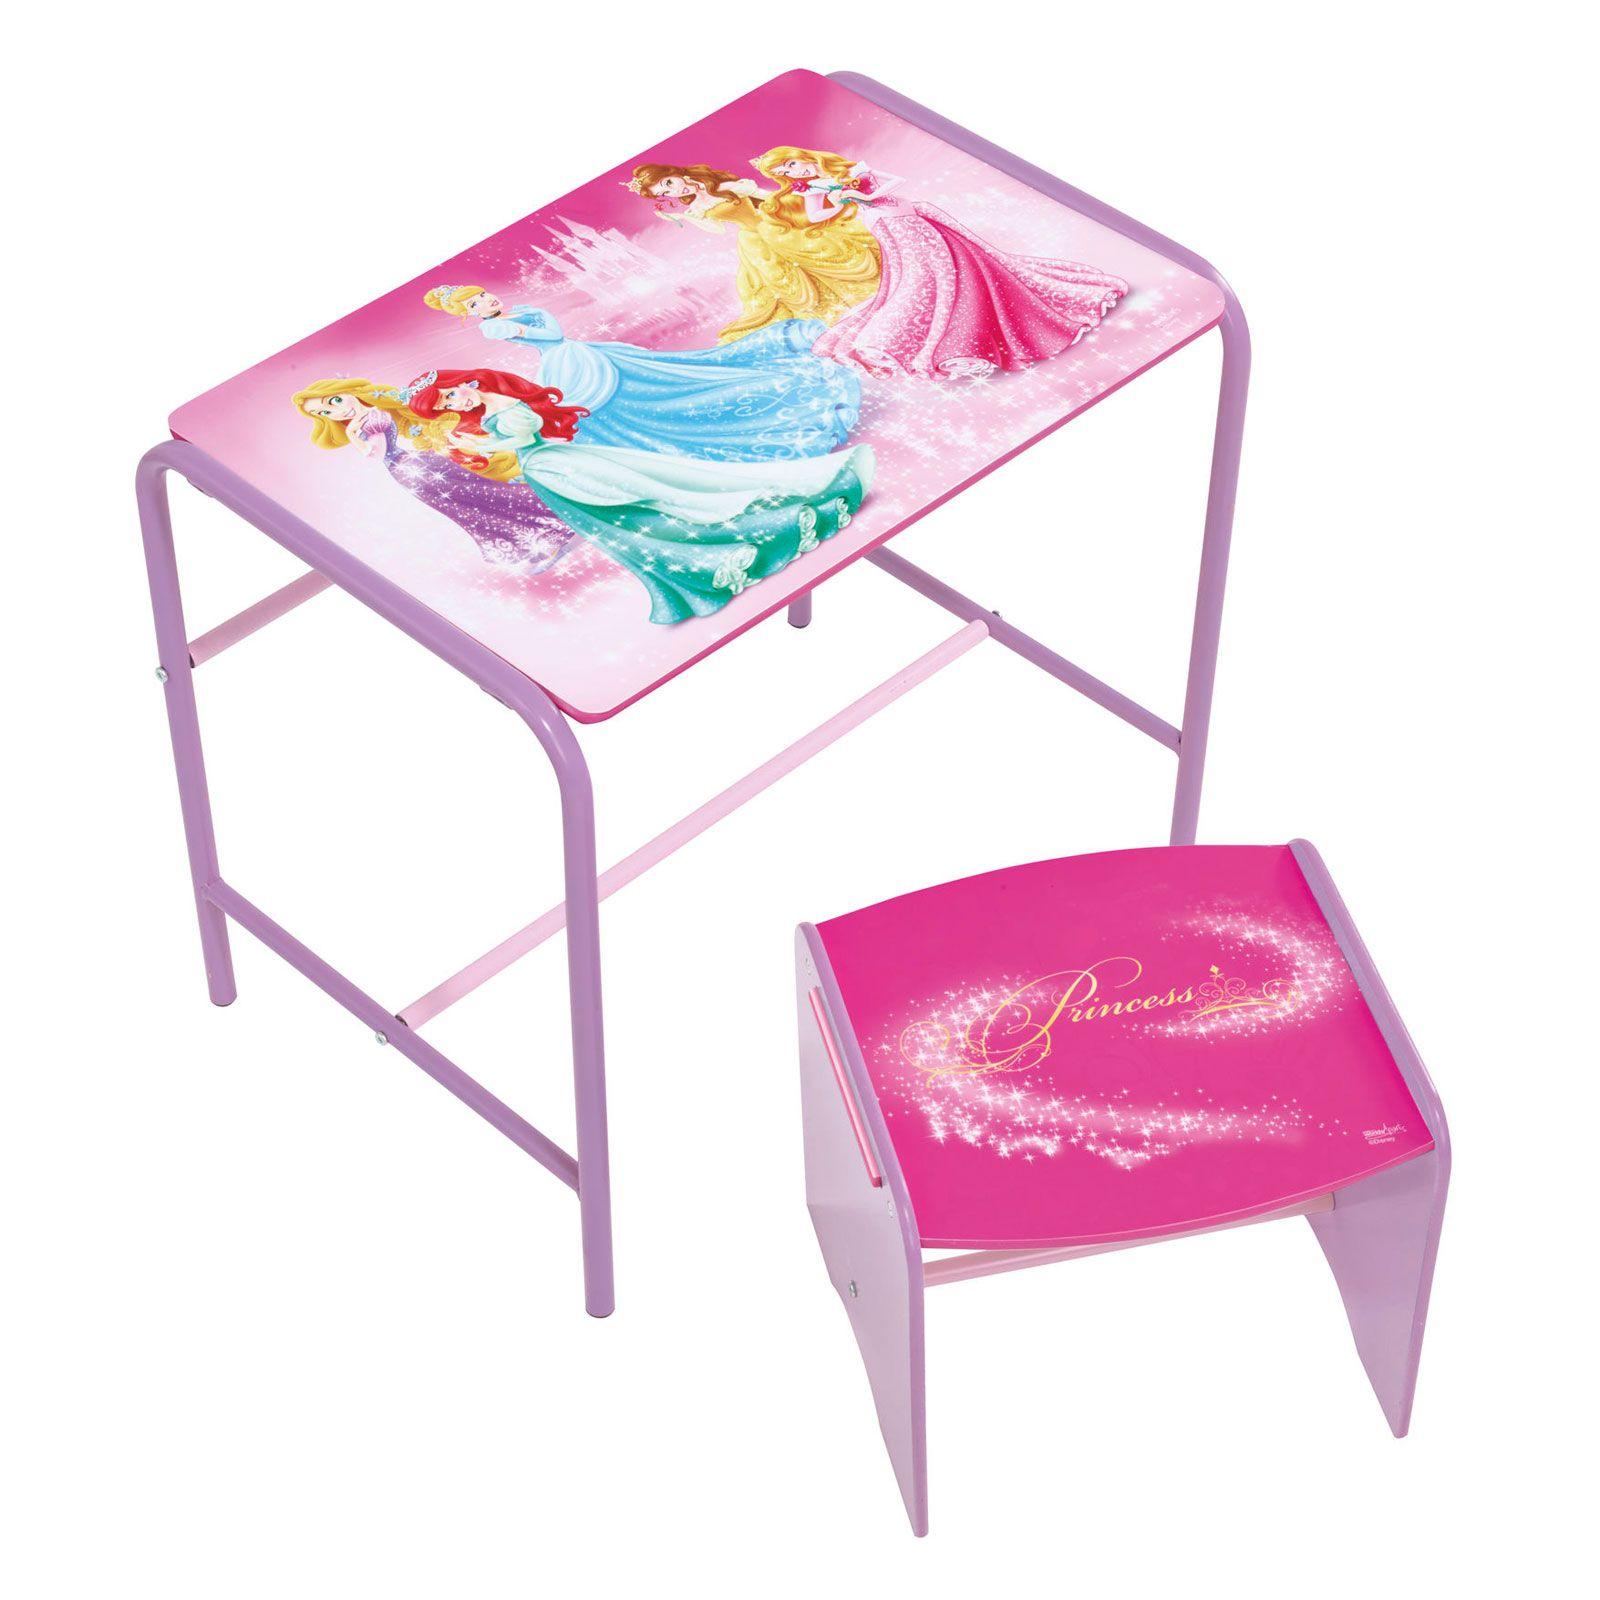 disney princess doodle schreibtisch stuhl kinder schlafzimmer m bel ebay. Black Bedroom Furniture Sets. Home Design Ideas